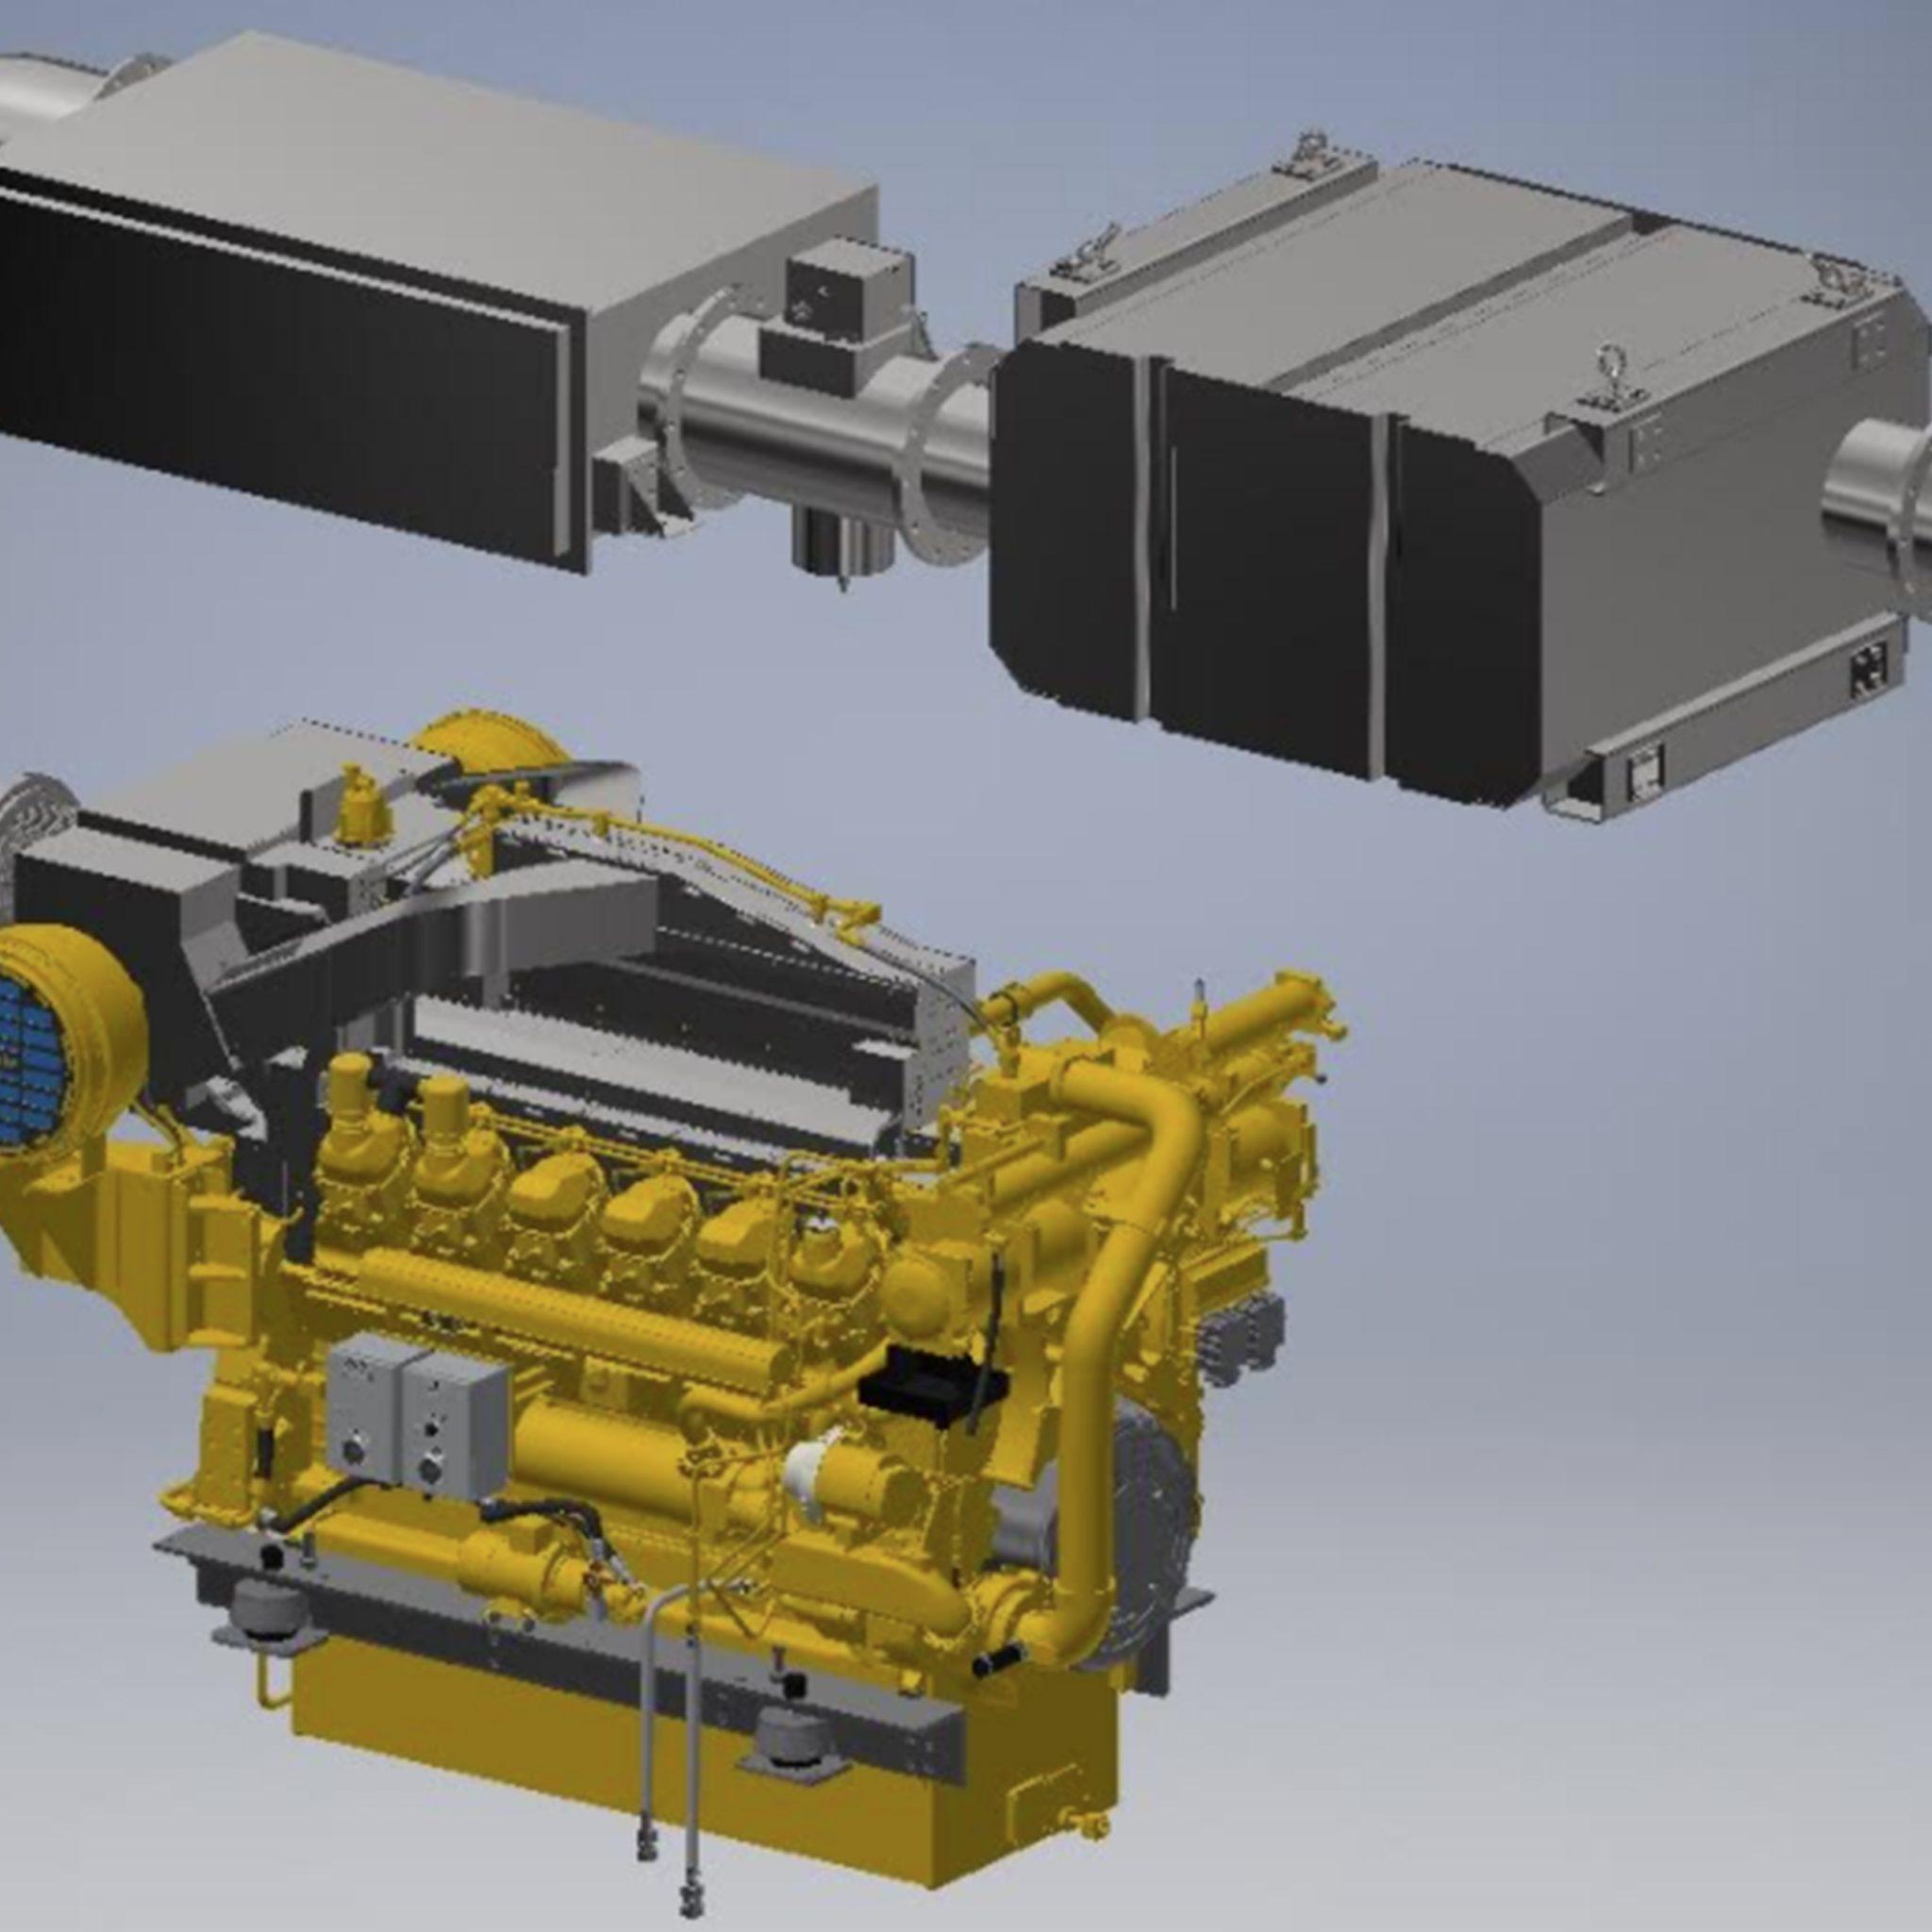 De Caterpillar 3512 E met SCR-katalysator en roetfilter. (Foto's Pon Power)